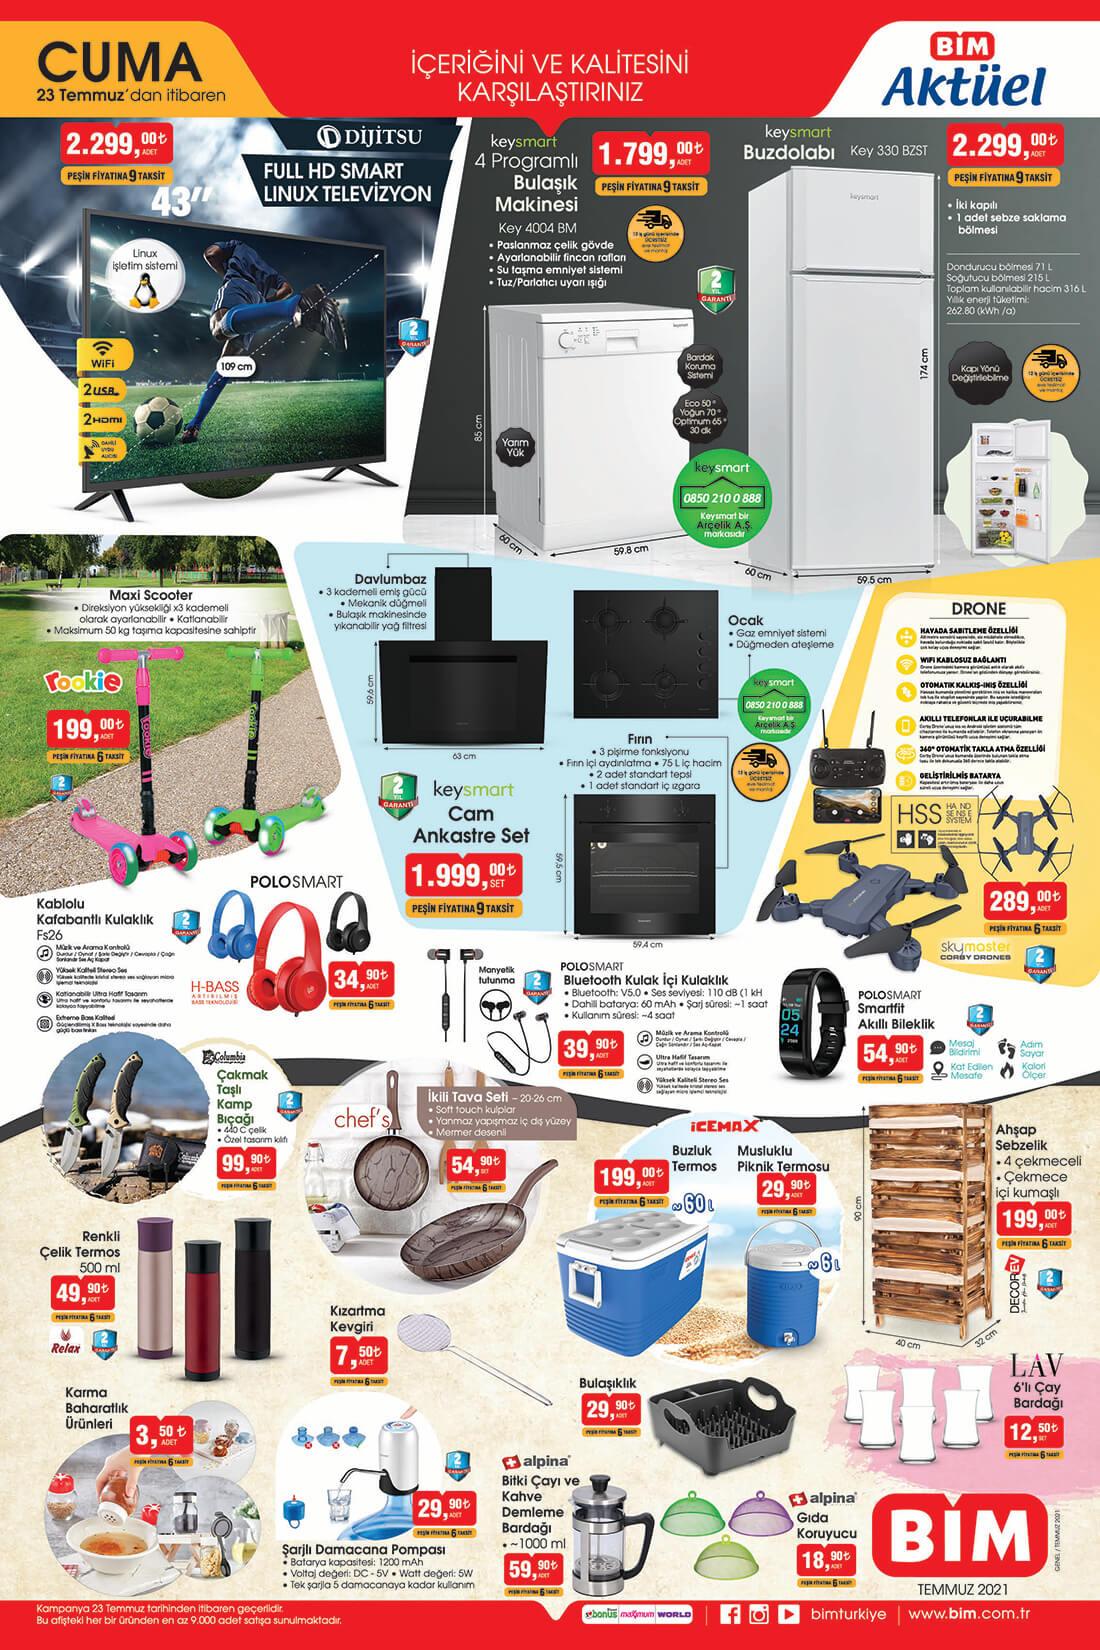 Bim 23 Temmuz 2021 Aktüel Ürünler Kataloğu Elektronik Ürünler ve Diğer Fırsatlar